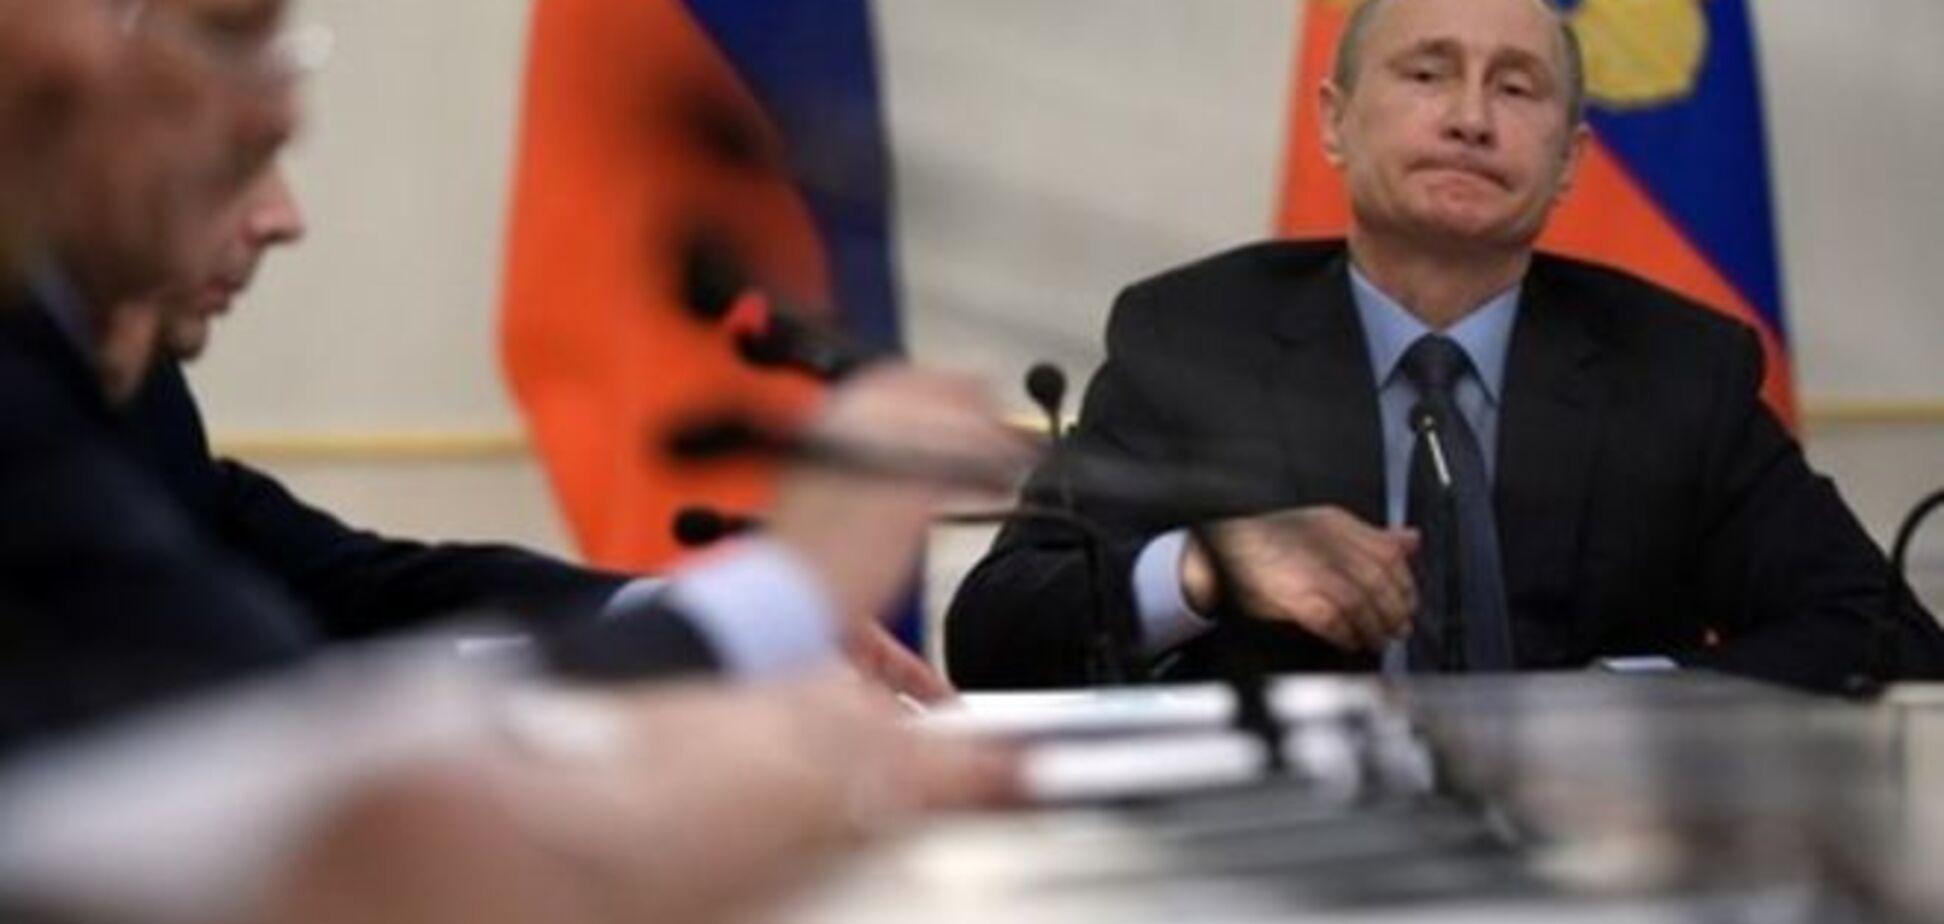 Перевод слов Путина из фильма про Крым